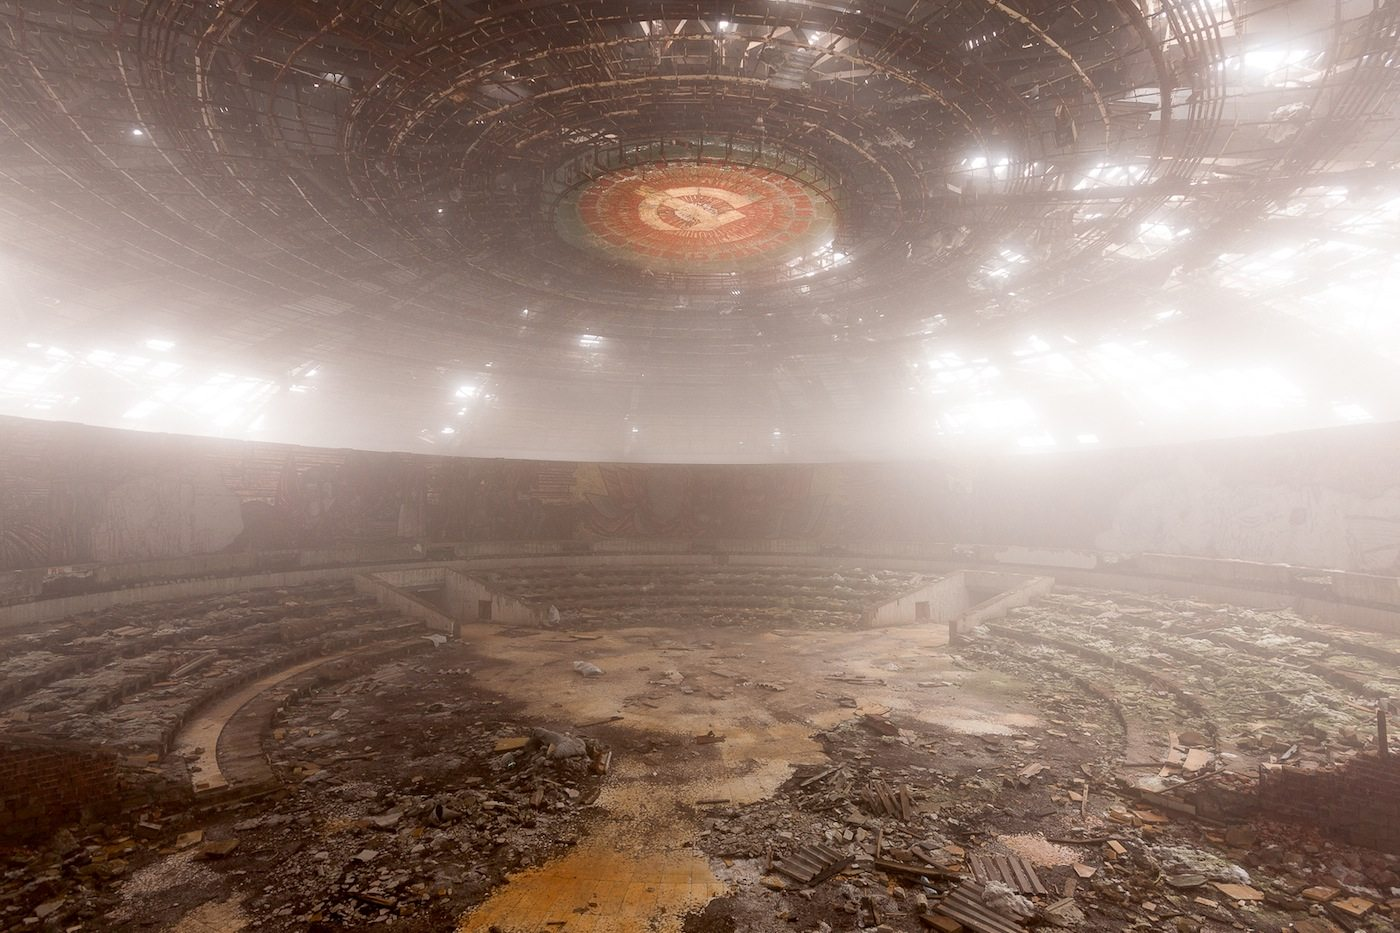 Innenraum bei aufziehender Bewölkung. Das Buzludzha-Denkmal auf dem Gipfel des 1.441 Meter hohen Berges Chadschi Dimitar wurde 1981 nach den Plänen des Architekten Georgi Stoilow errichtet. Das anlässlich des 1.300-jährigen Jubiläums der Staatsgründung Bulgariens errichtete Denkmal umfasst einen Kongressaal, der umlaufend mit realsozialistischen Mosaiken verziert ist, einen mit ebensolchen verzierten Außengang sowie einen 115 Meter hohen Turm, dessen rote Sterne einst beleuchtet und weithin sichtbar waren. Seit dem Ende der sozialistischen Herrschaft in Bulgarien steht das Denkmal leer und ist Verfall und Vandalismus ausgesetzt.